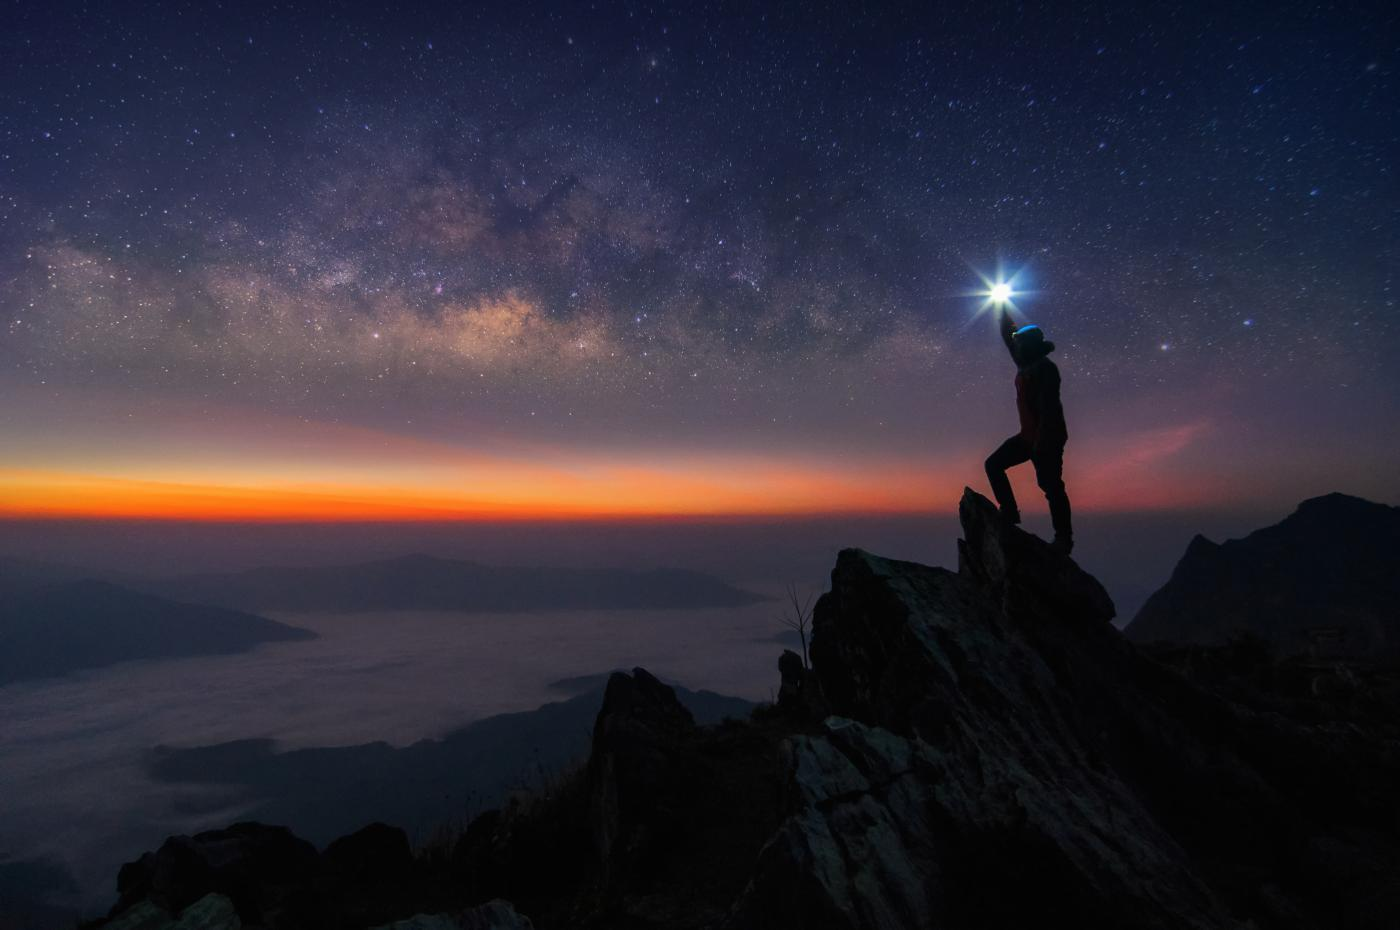 Téged mi tesz boldoggá? A csillagjegyedből kiderül!